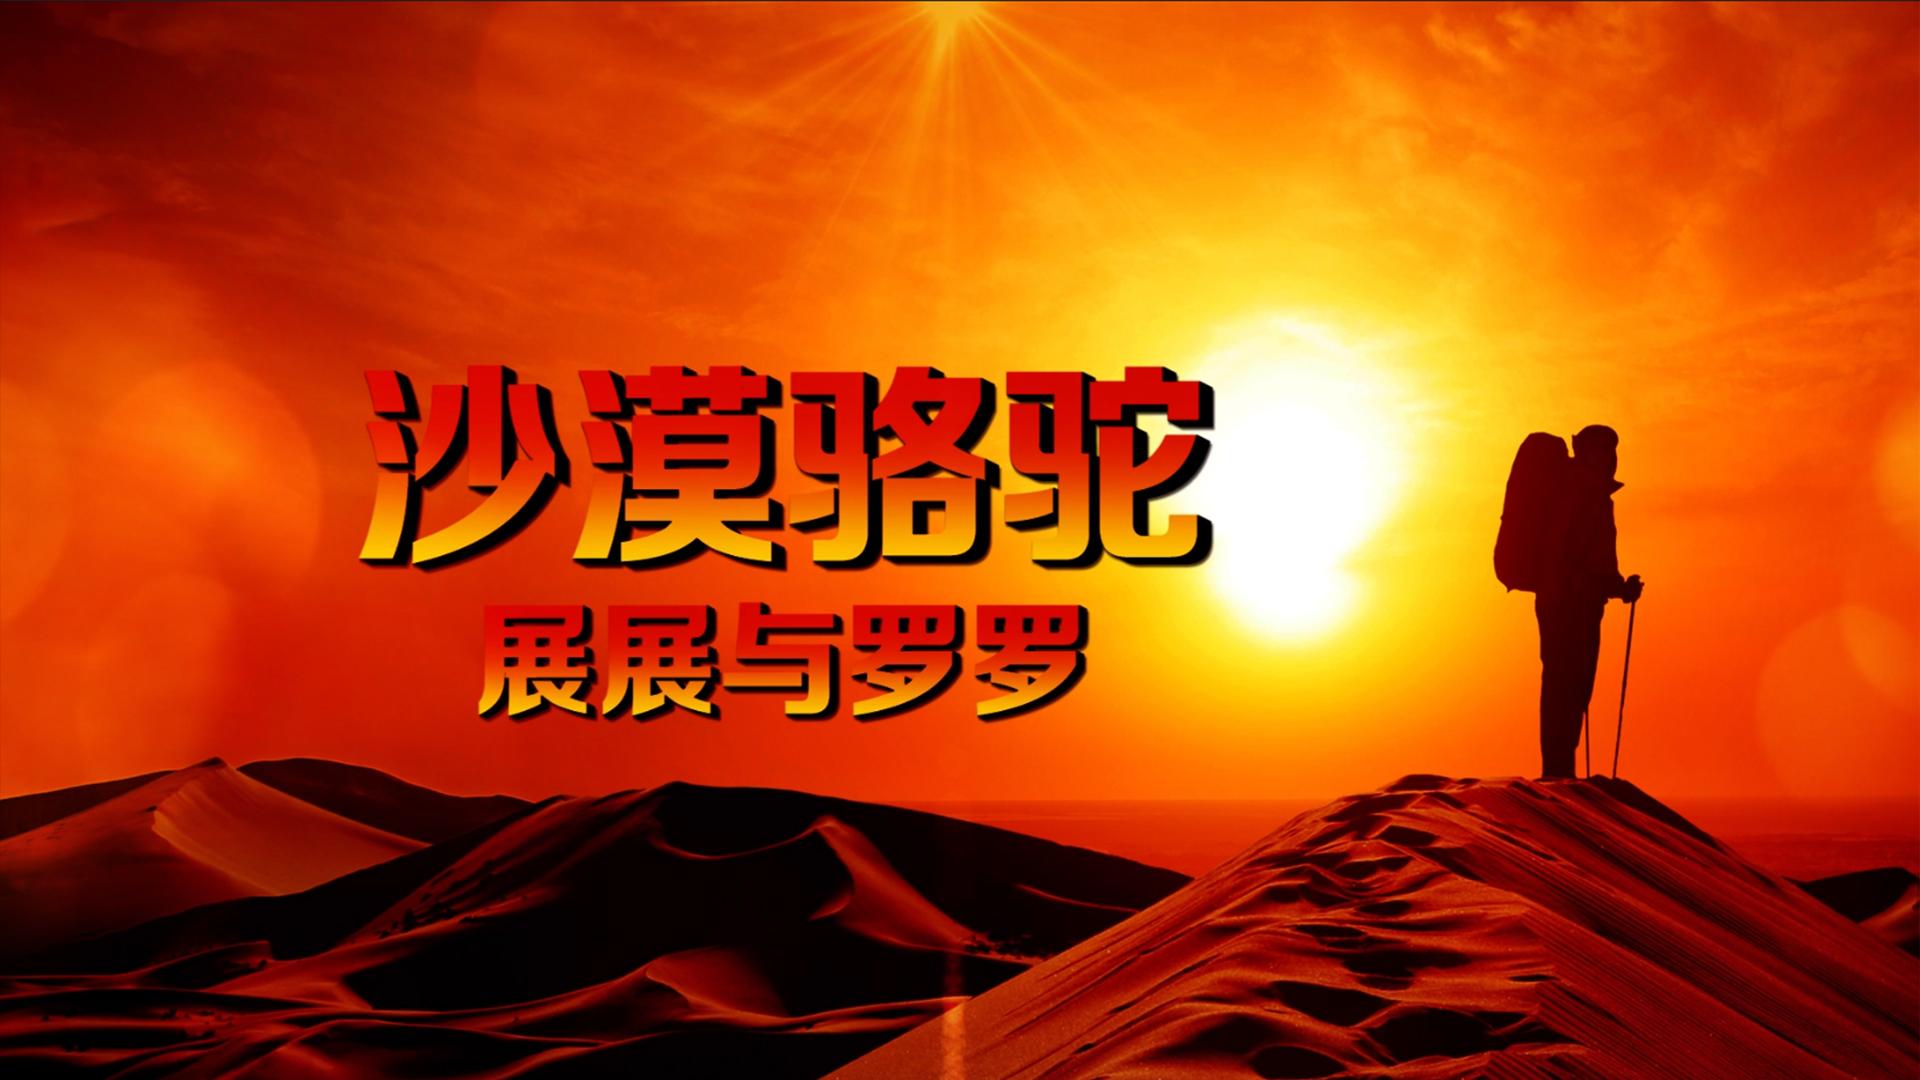 《沙漠骆驼》展展与罗罗歌曲背景